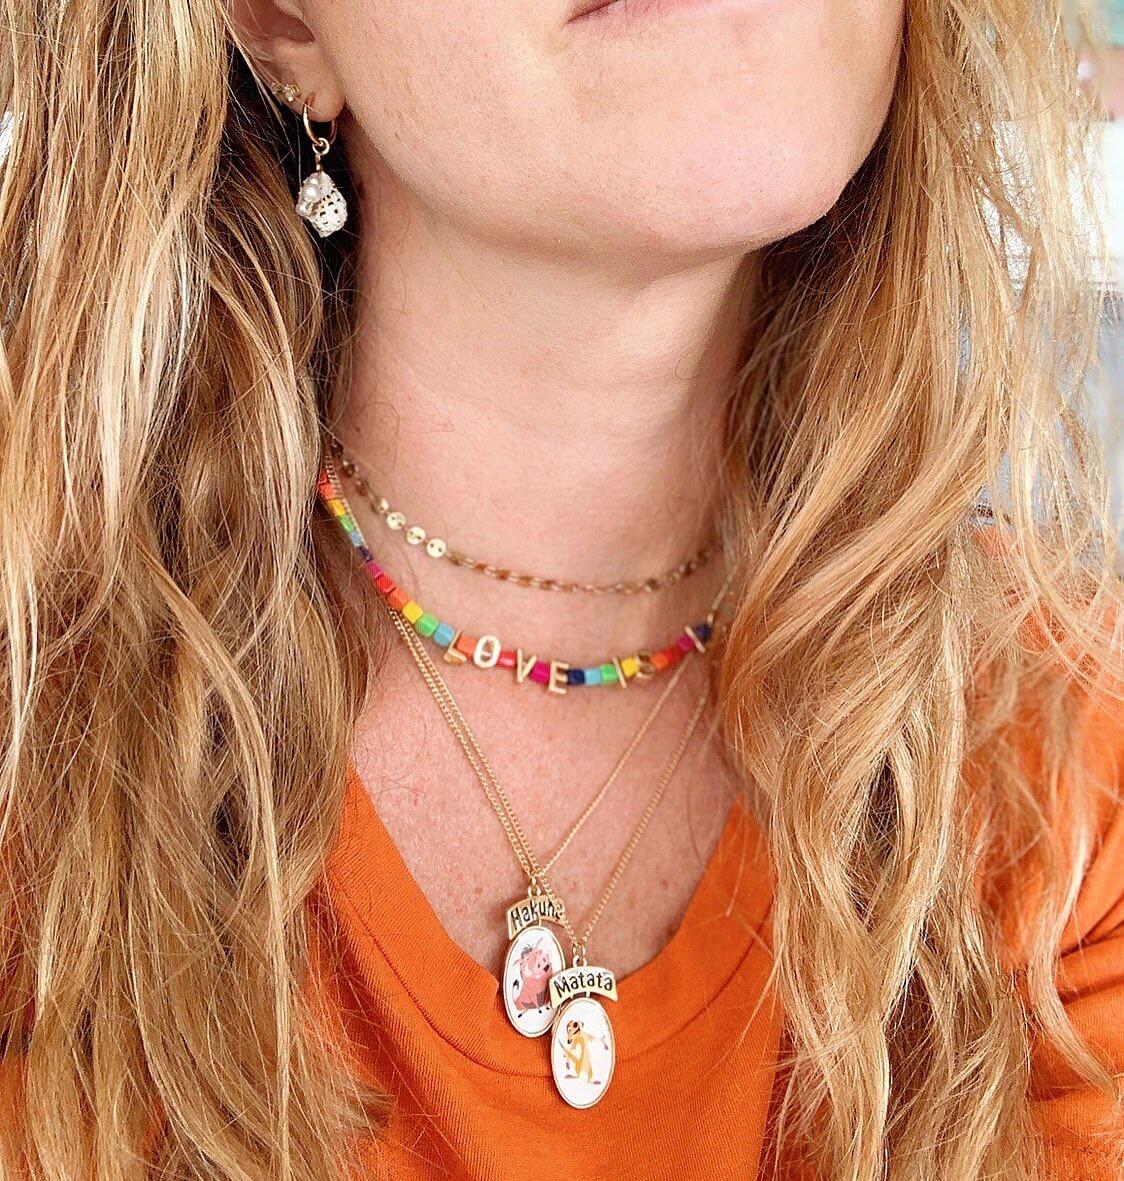 Hakuna Matata Jewelry